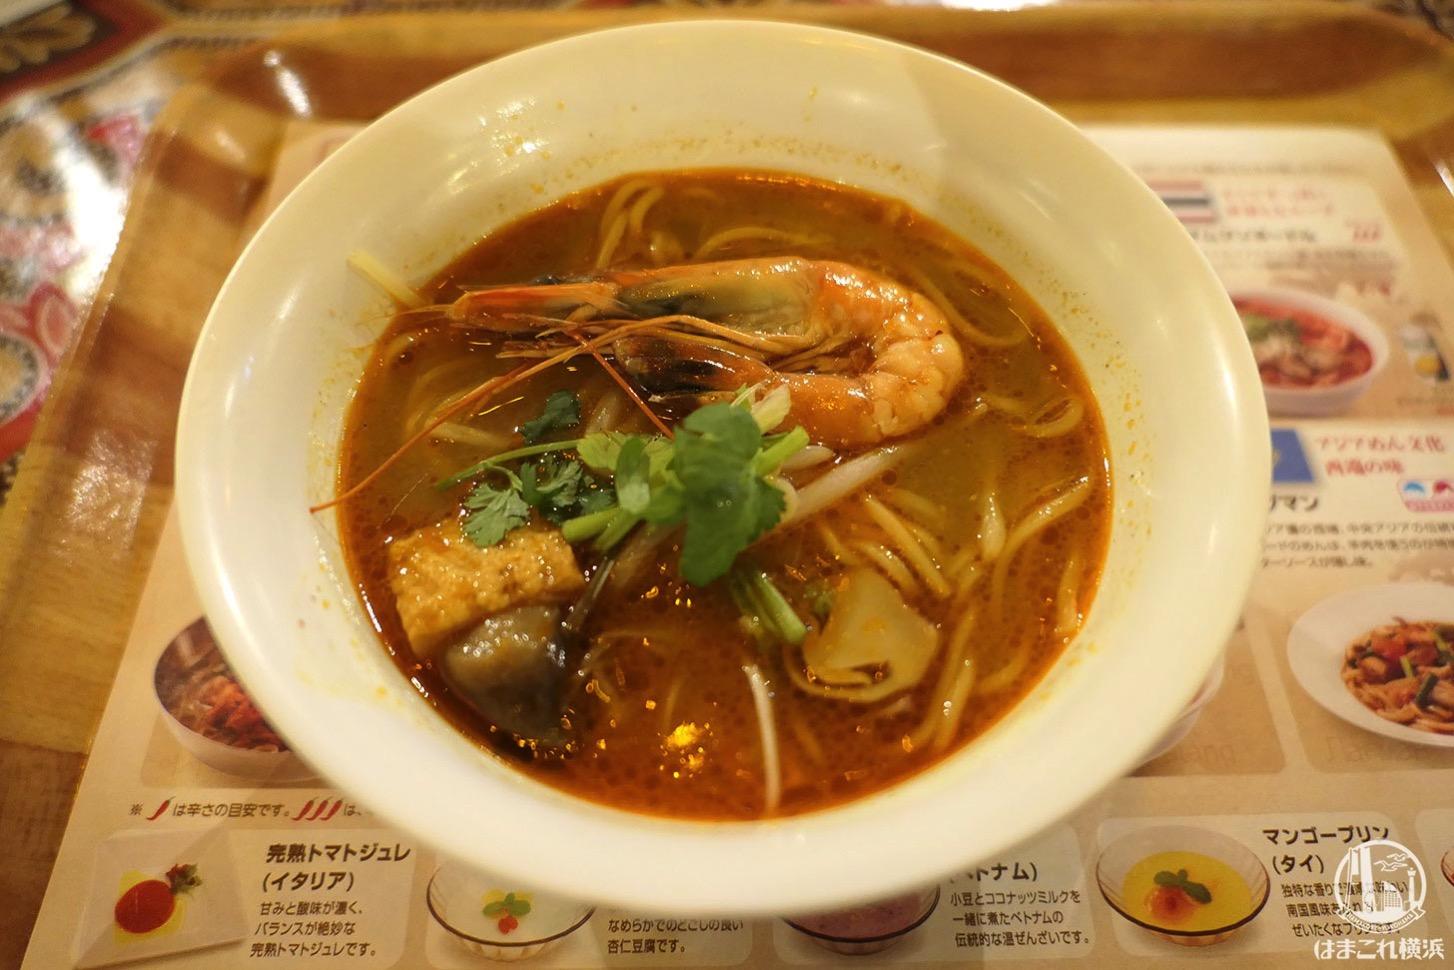 ヌードルバザール ワールド麺ロード ラクサ